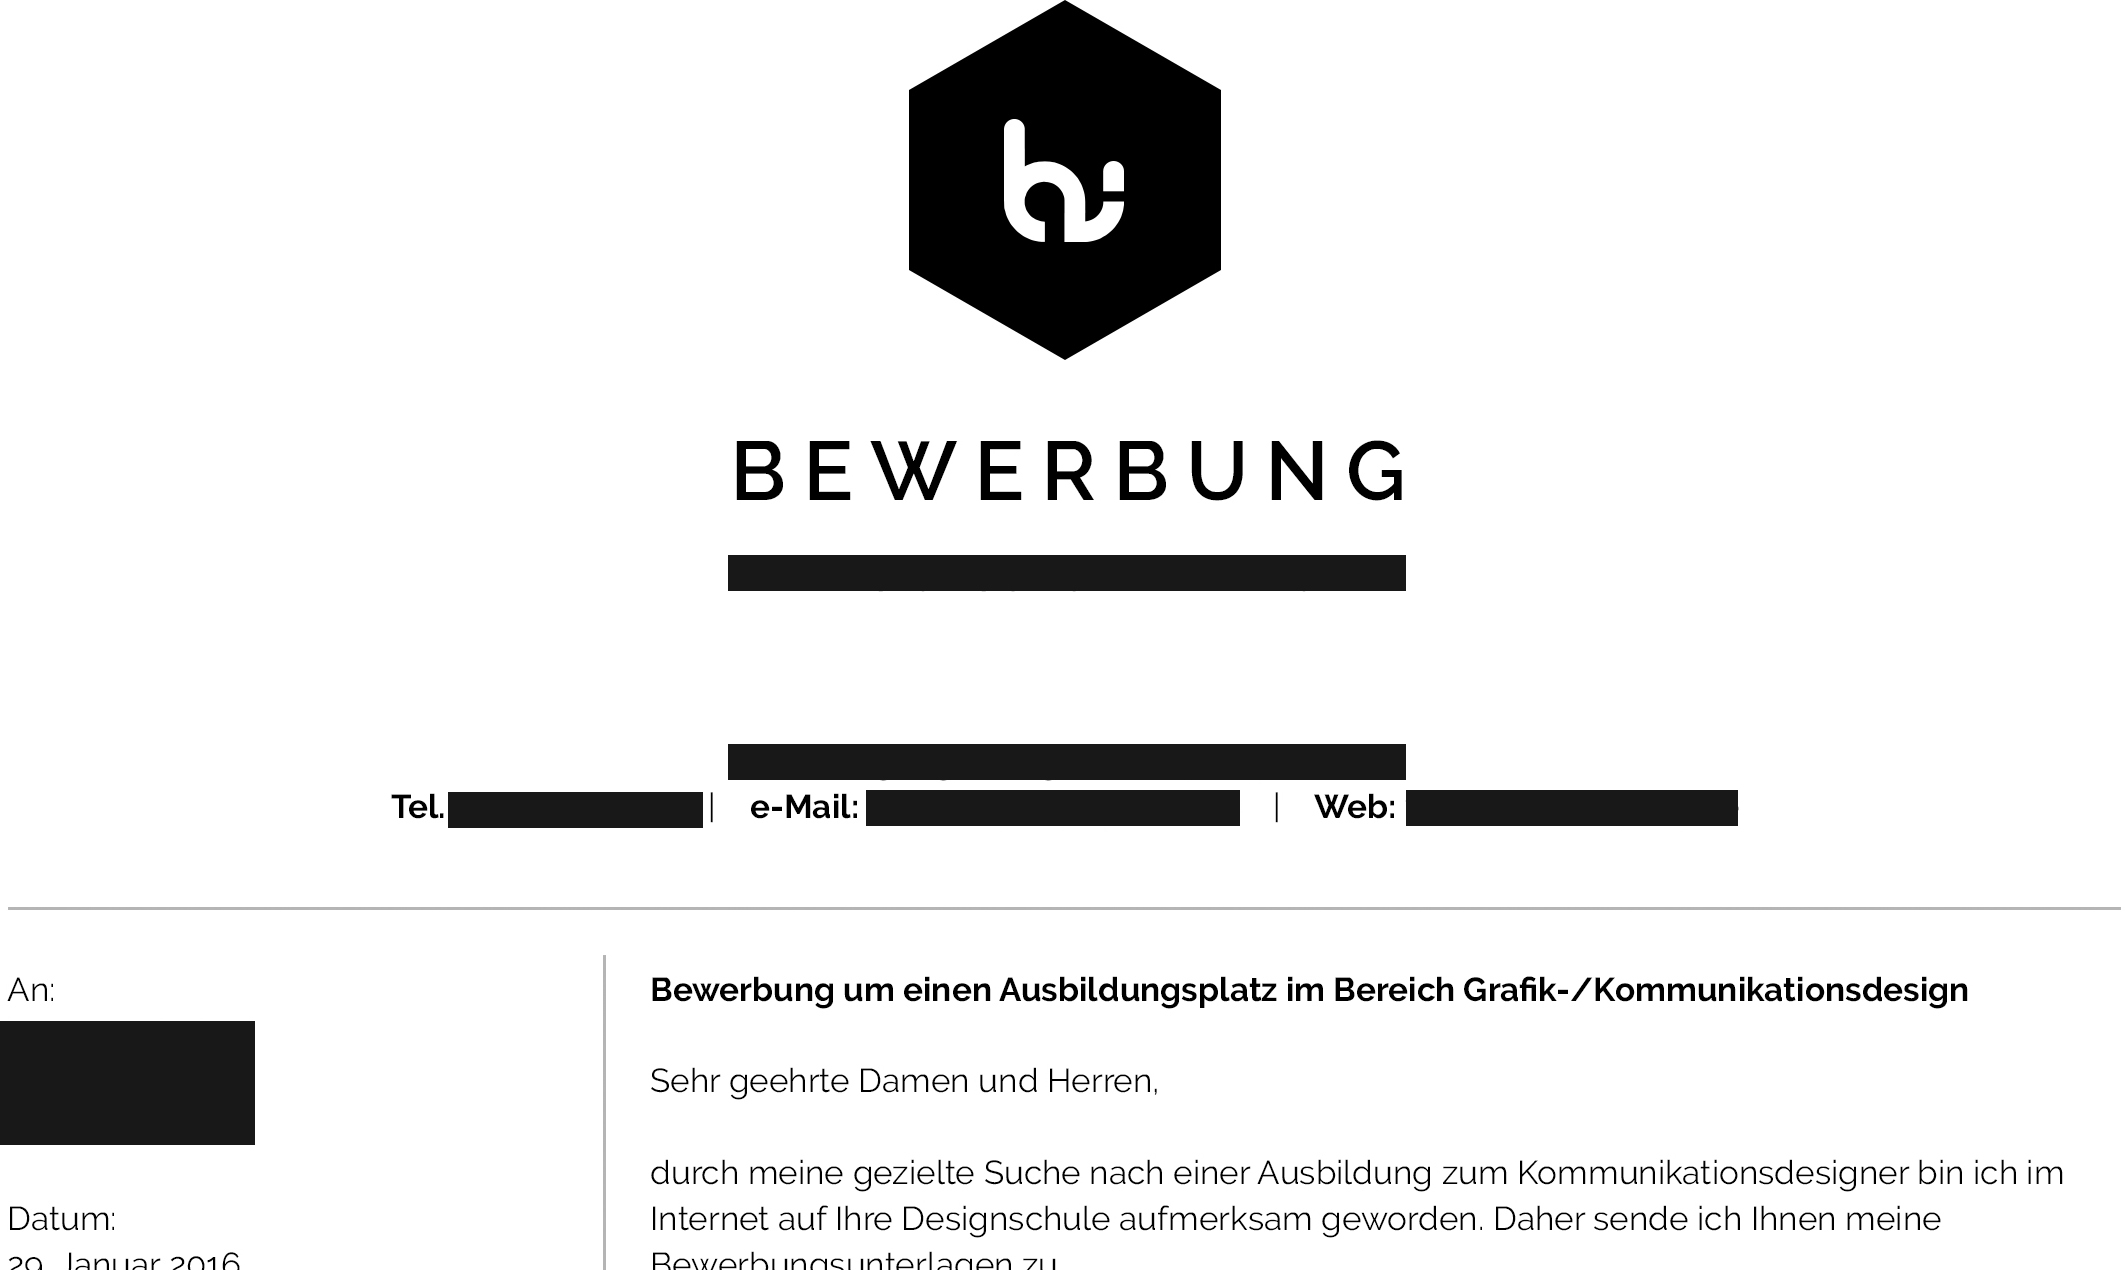 eigenes logo in der bewerbung benutzen ausbildung design schler - Bewerbung Grafikdesign